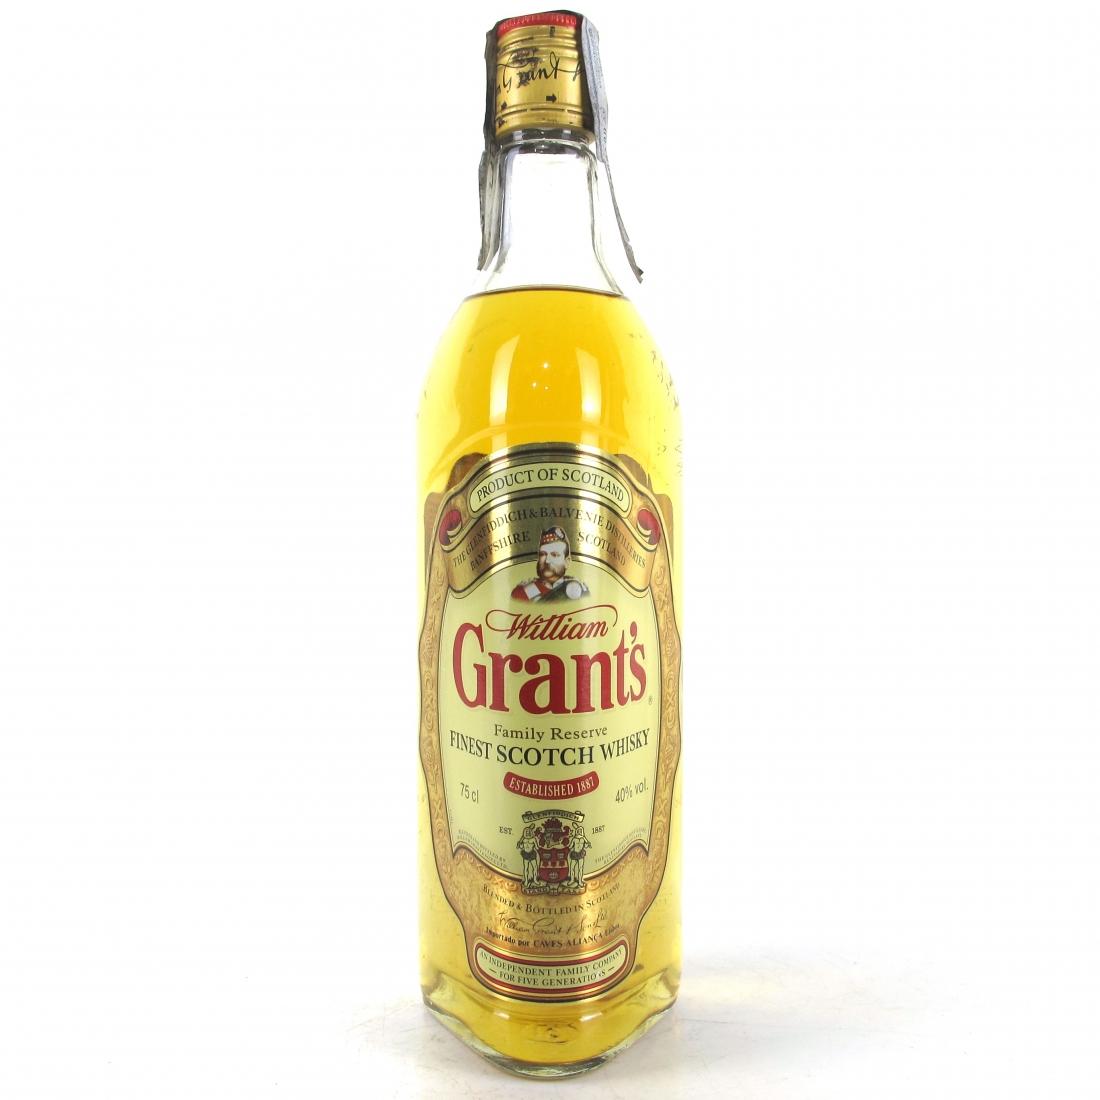 Grant's Finest Scotch Whisky 1980s